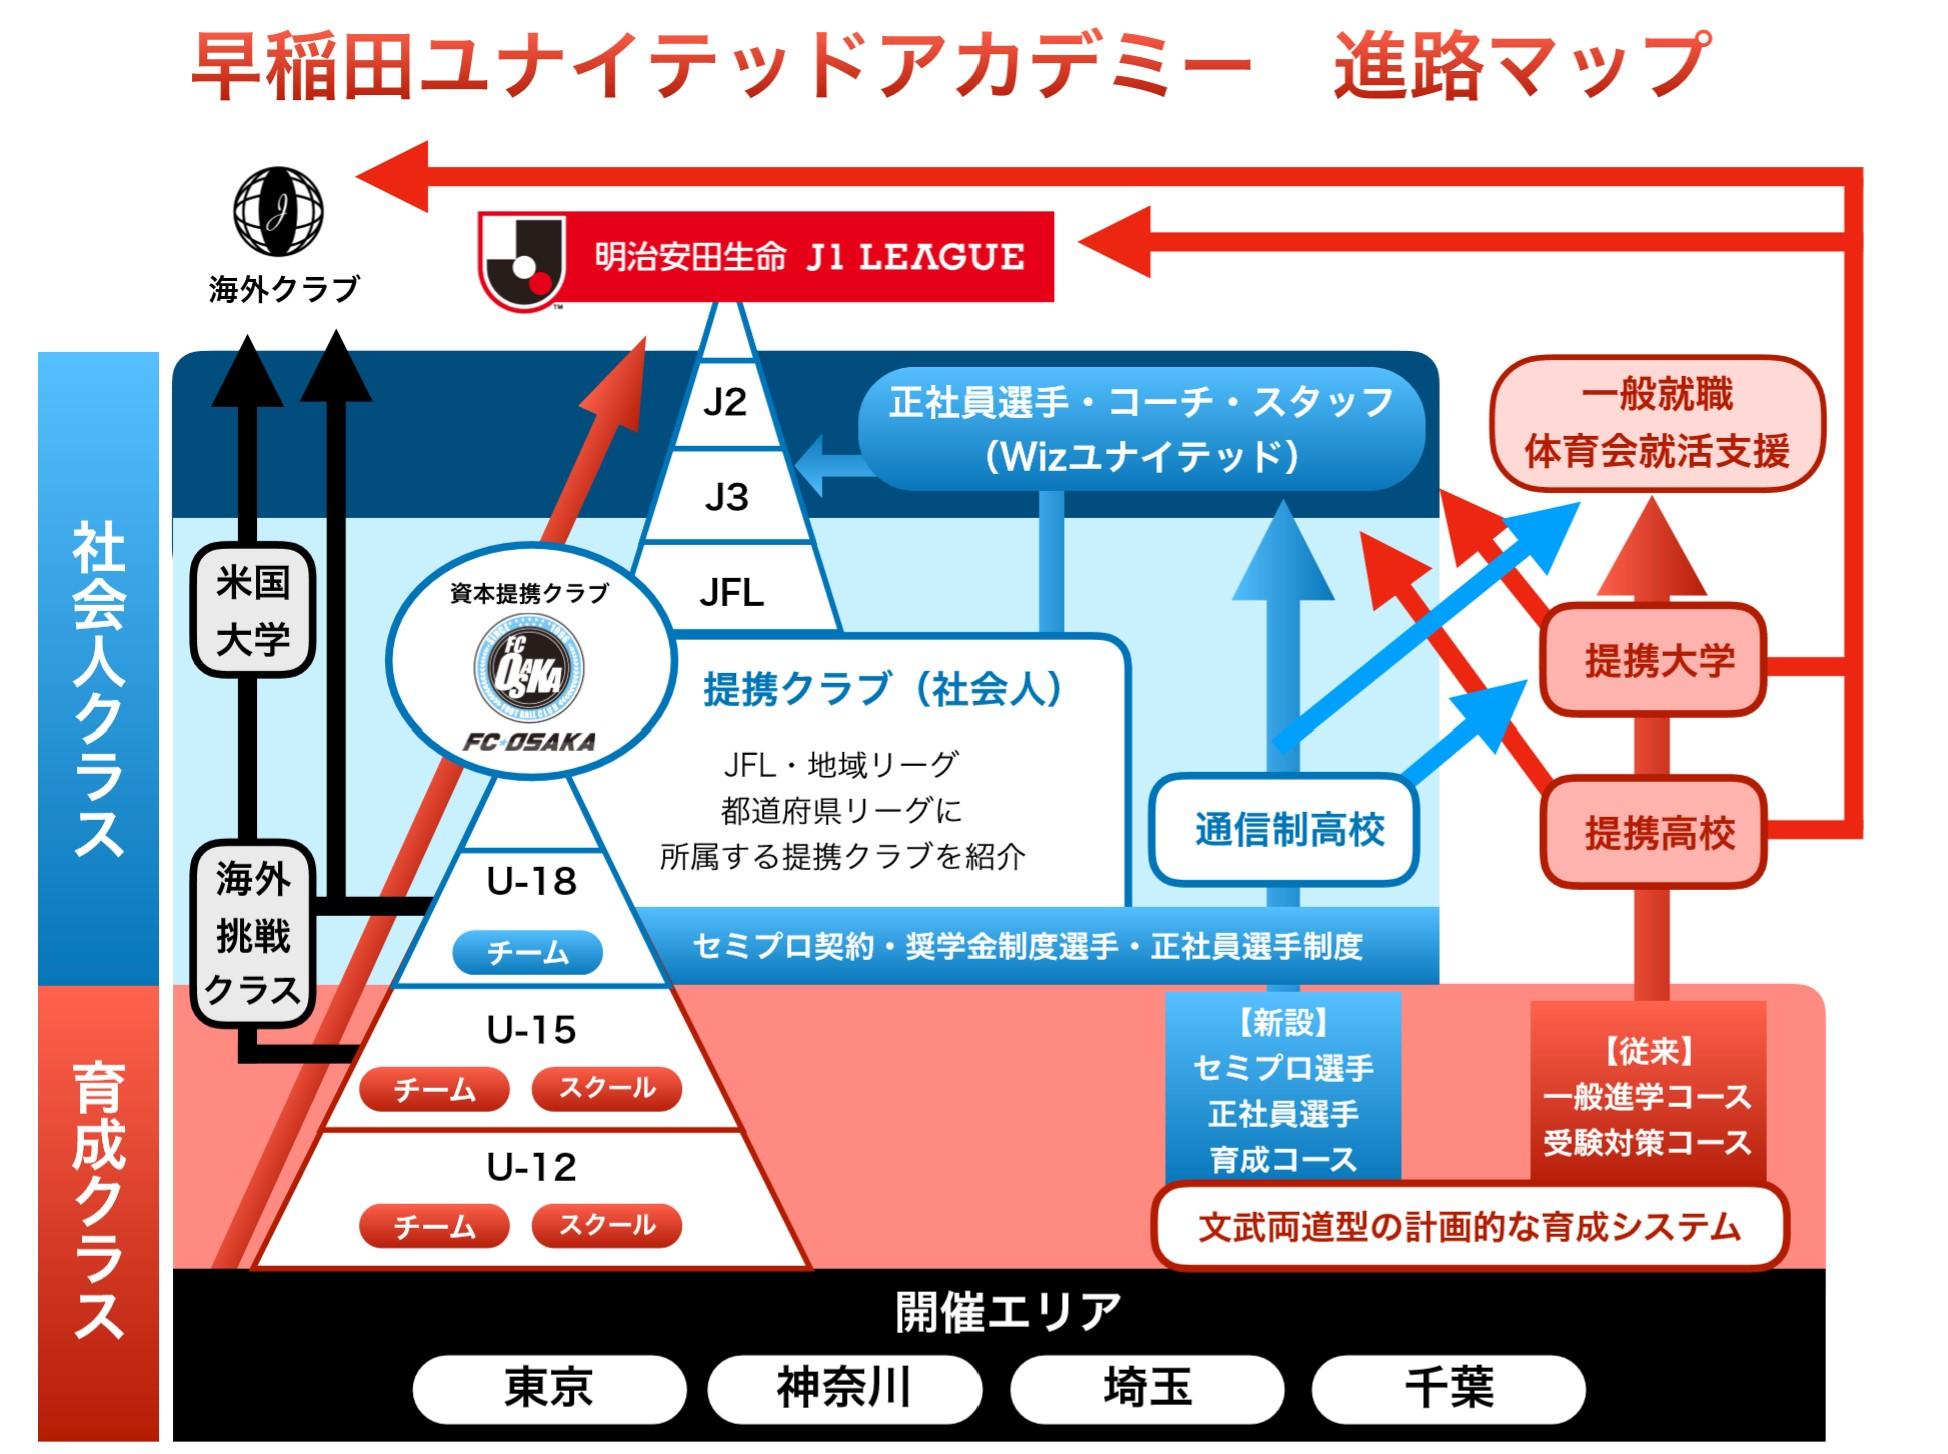 早稲田ユナイテッドアカデミー説明資料2